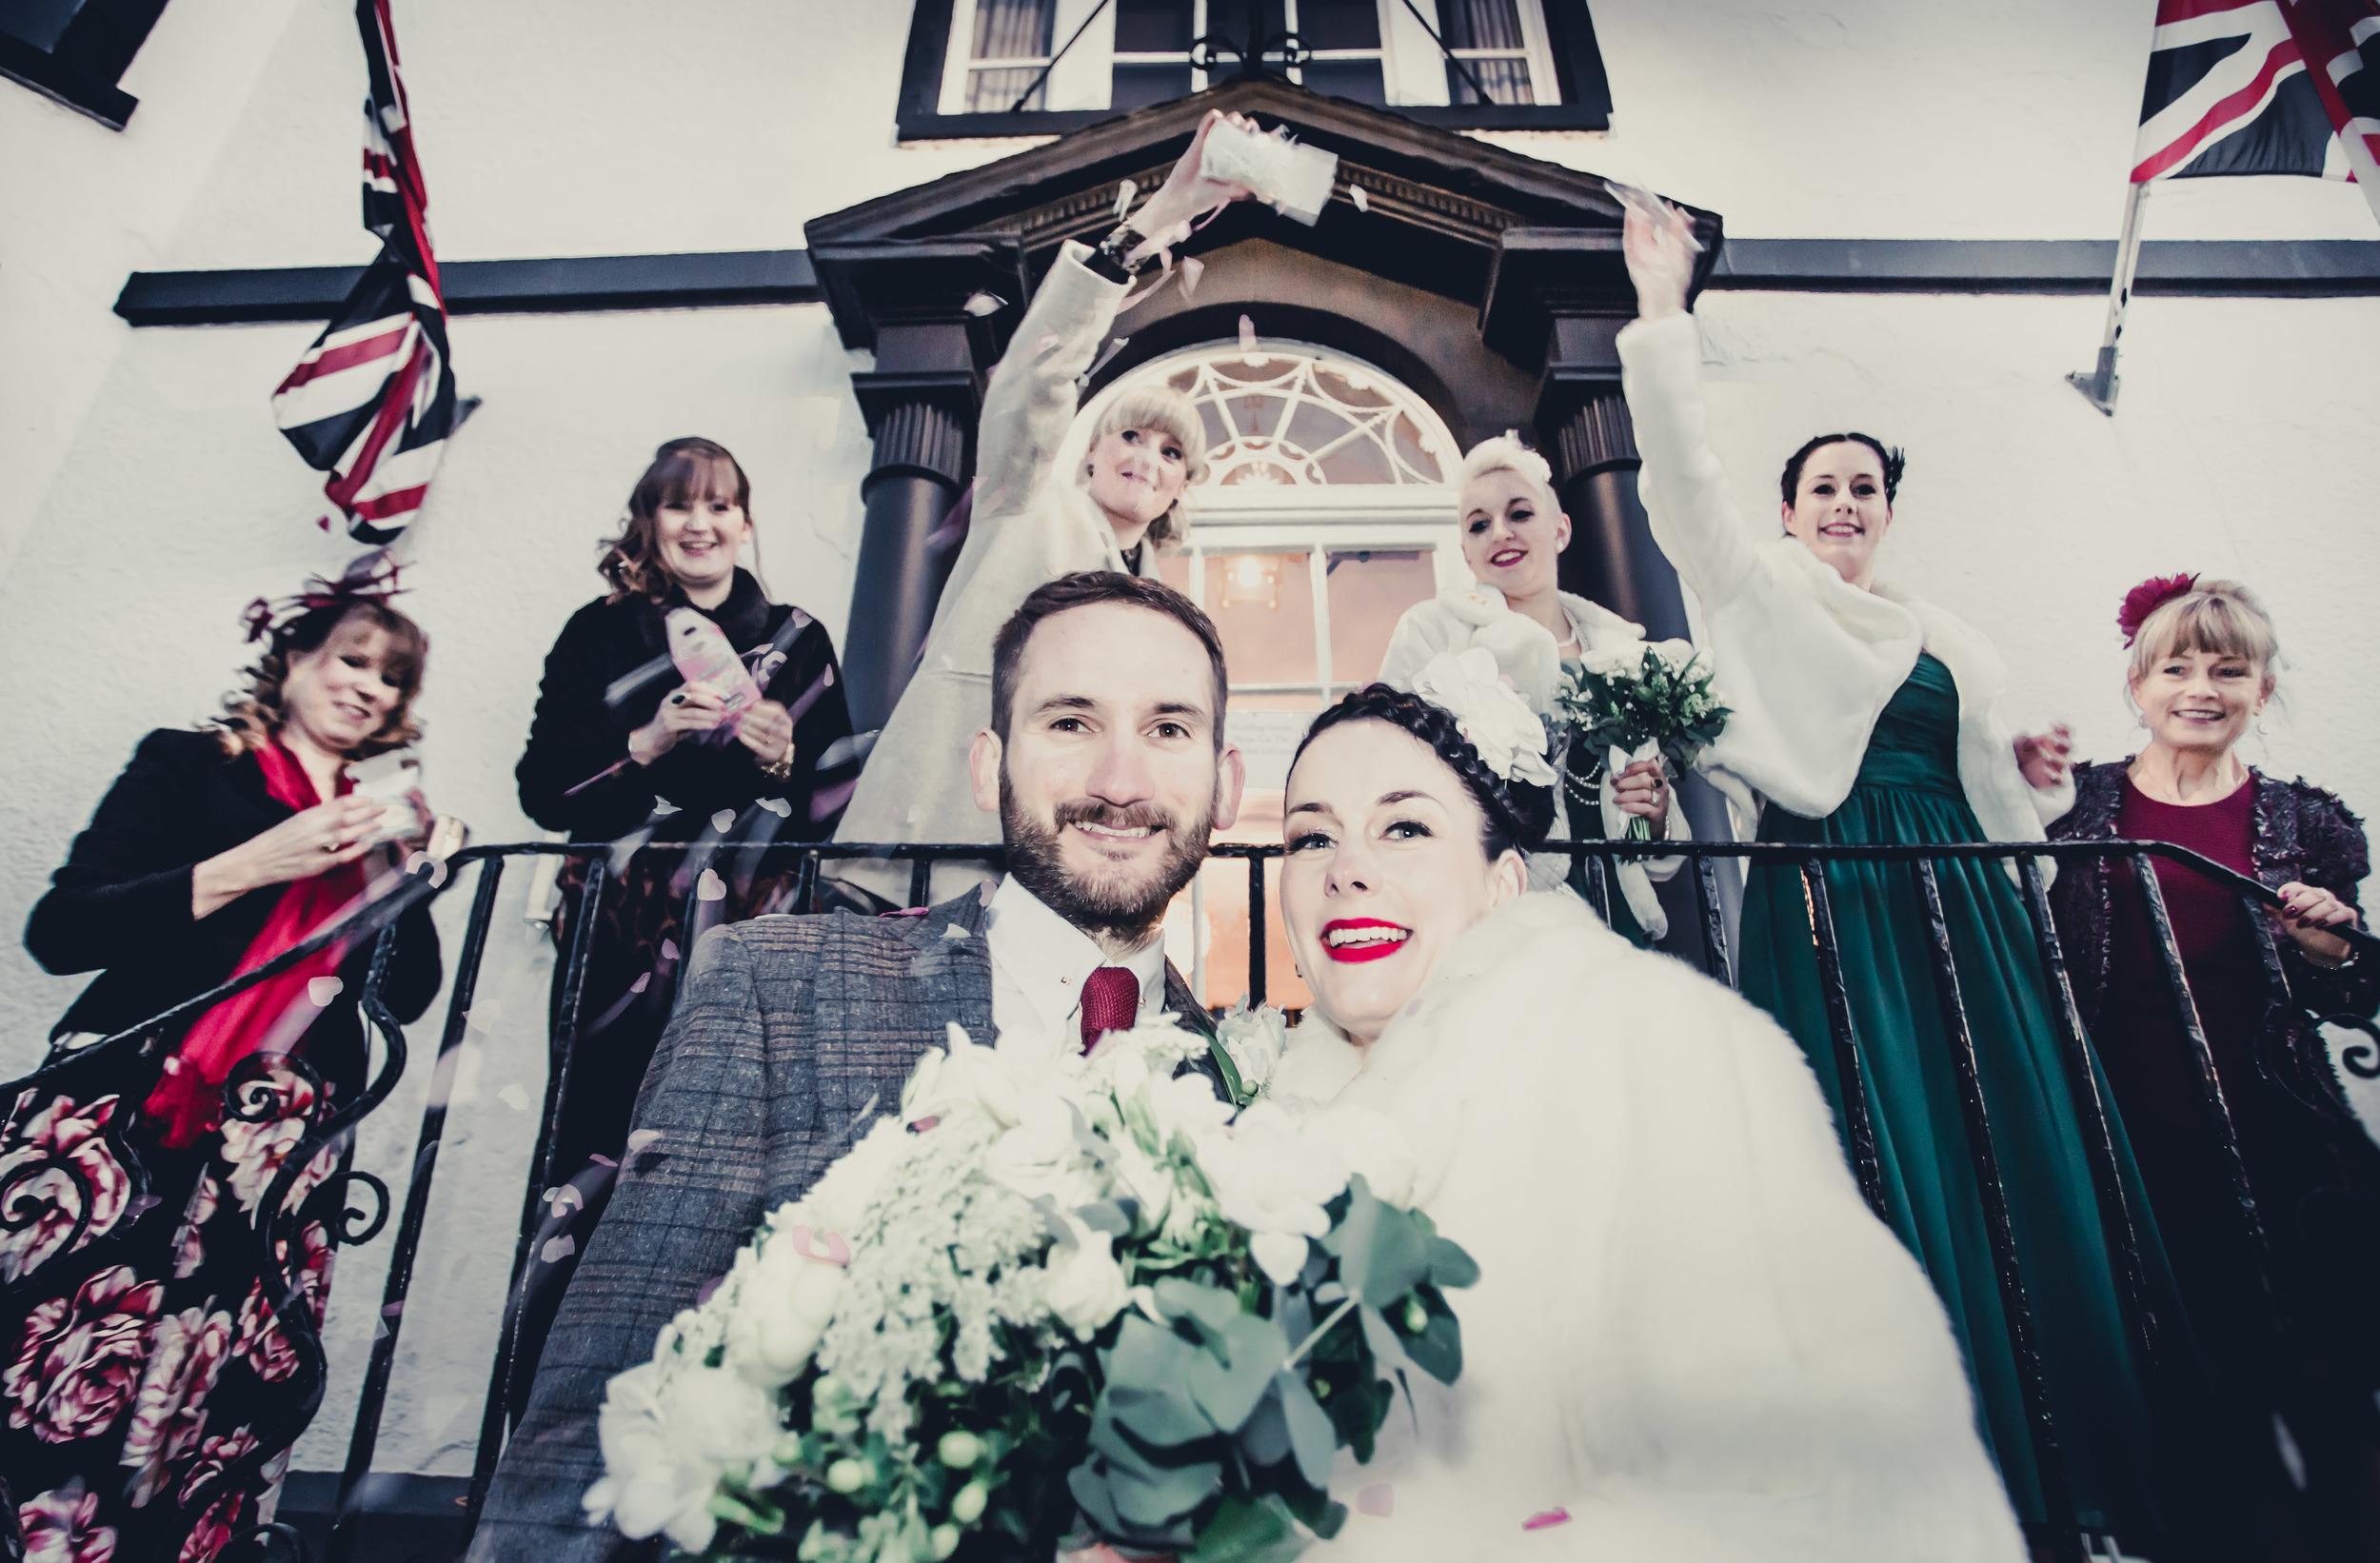 150 - Angela and Karls Wedding by www.markpugh.com -6953.jpg